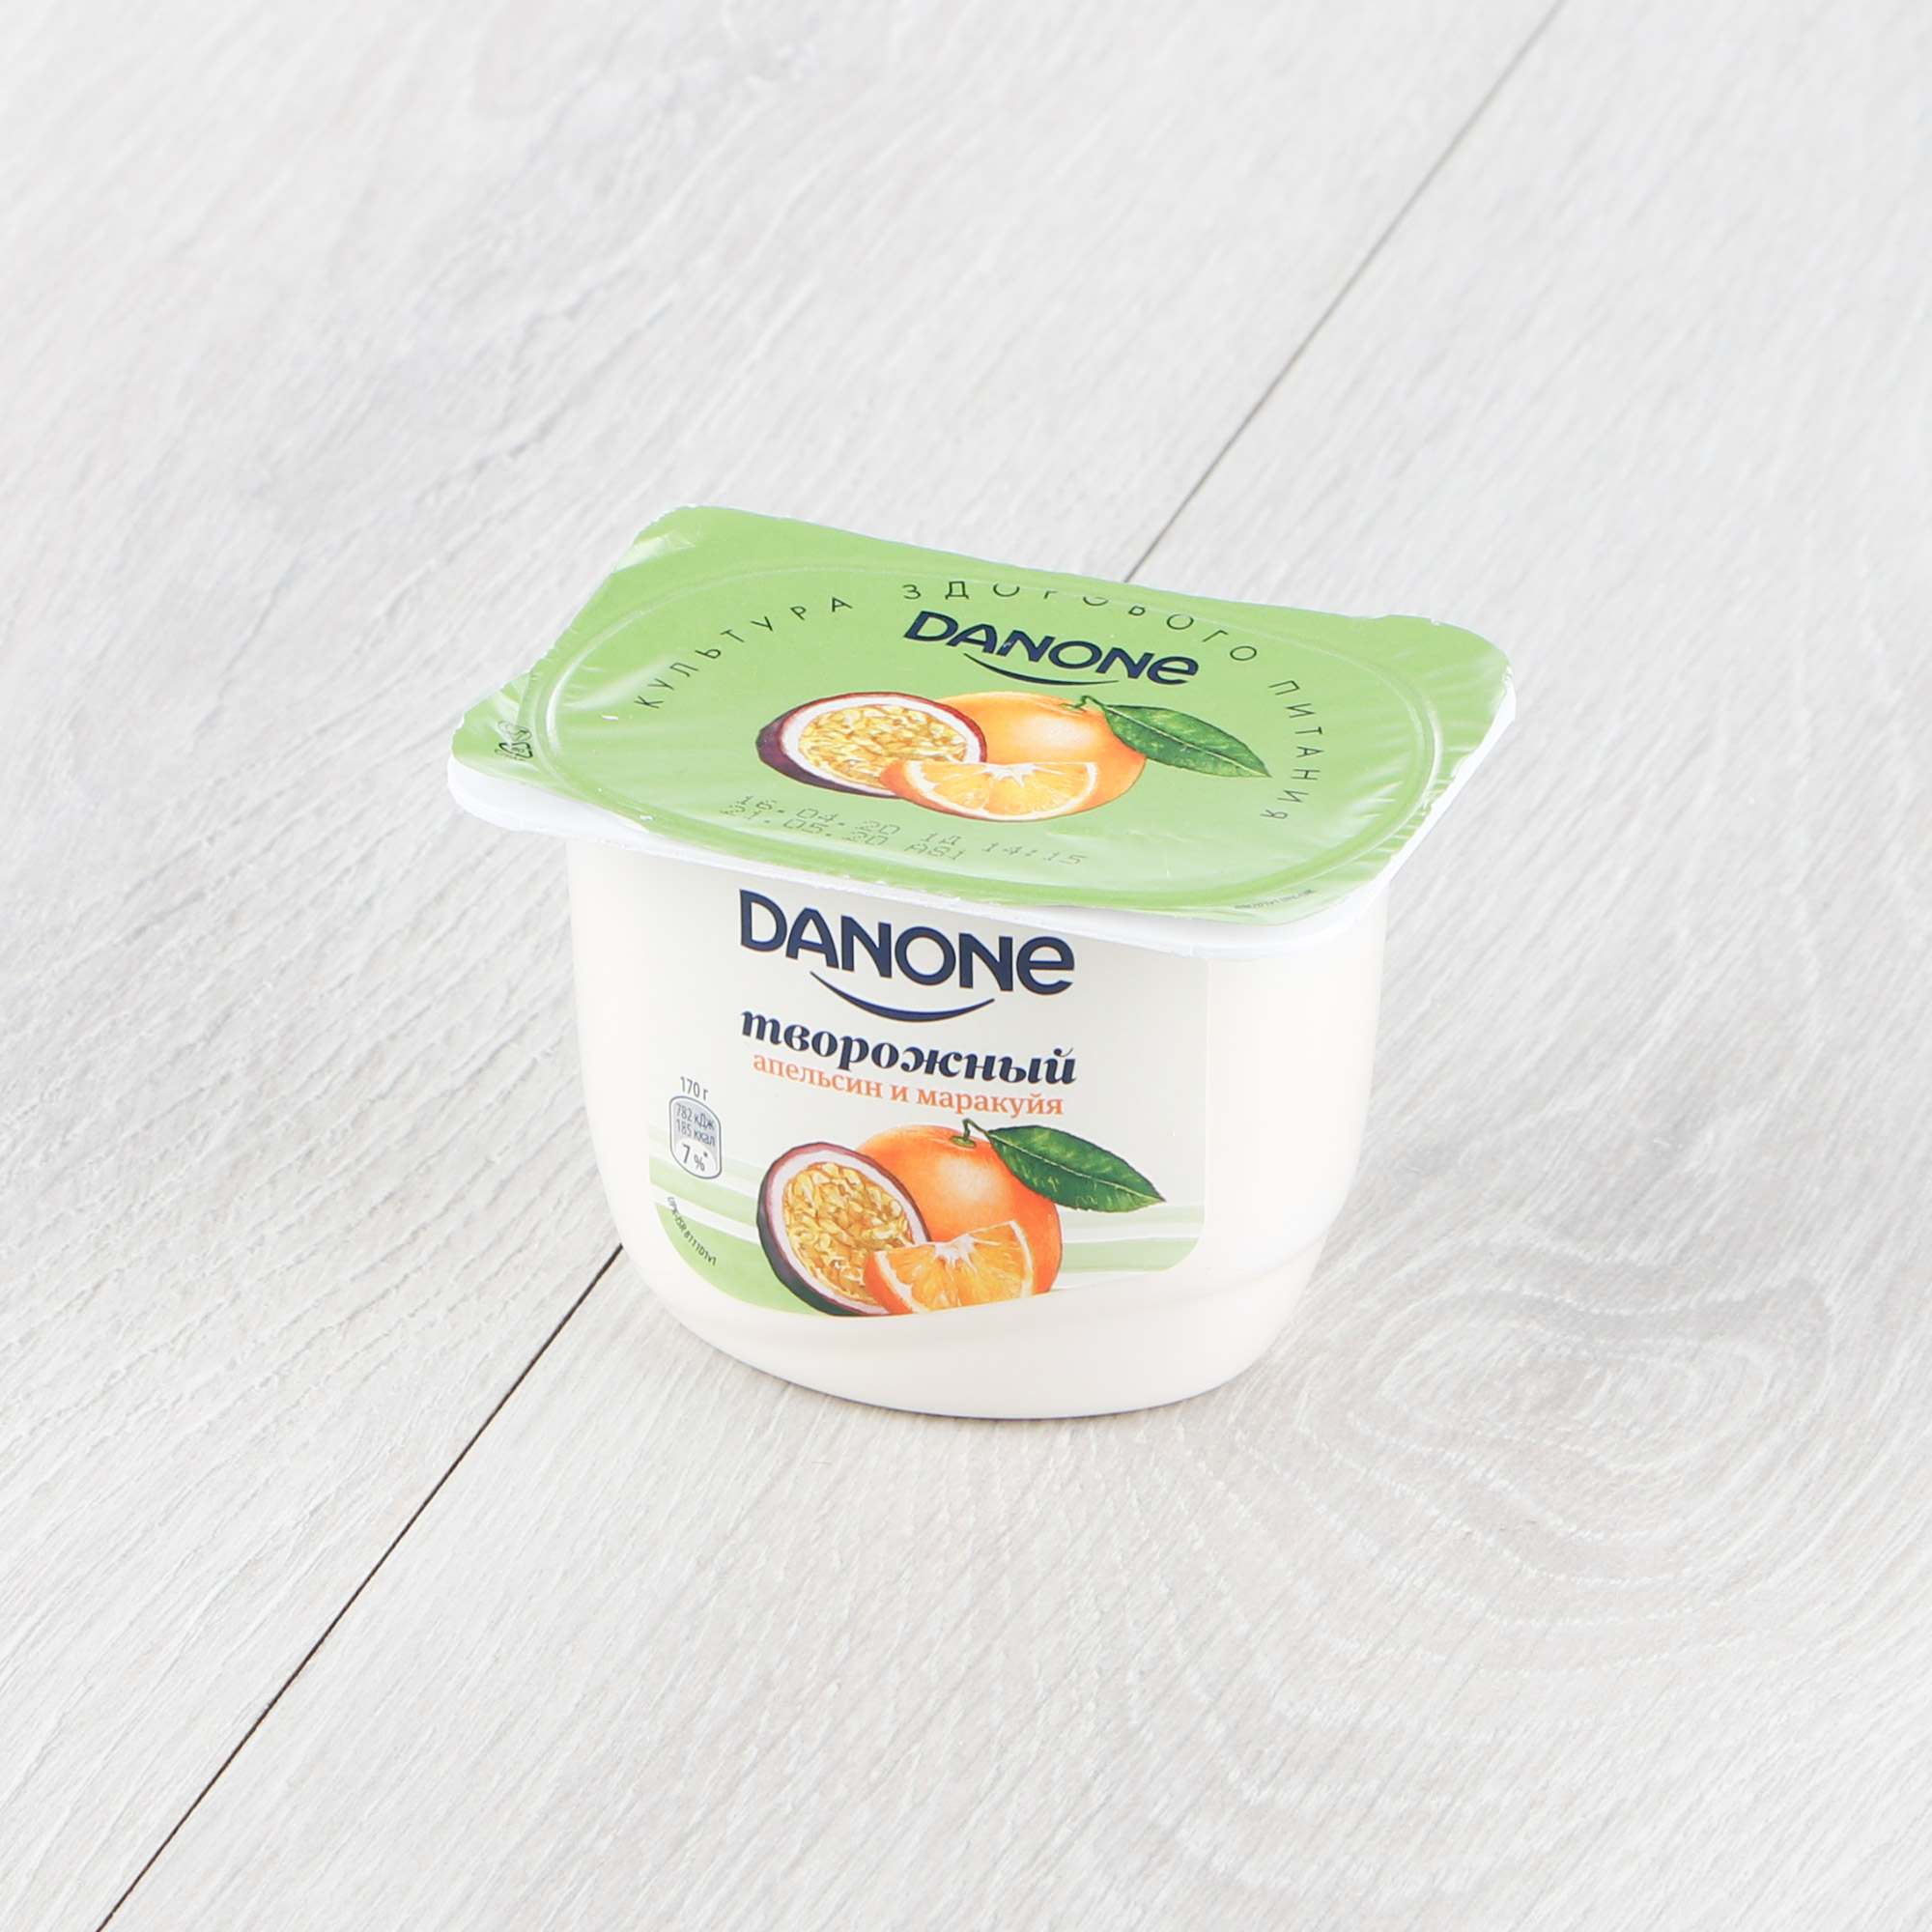 творог danone натуральный 5% 170 г Творог Danone Апельсин, маракуйя 170 г